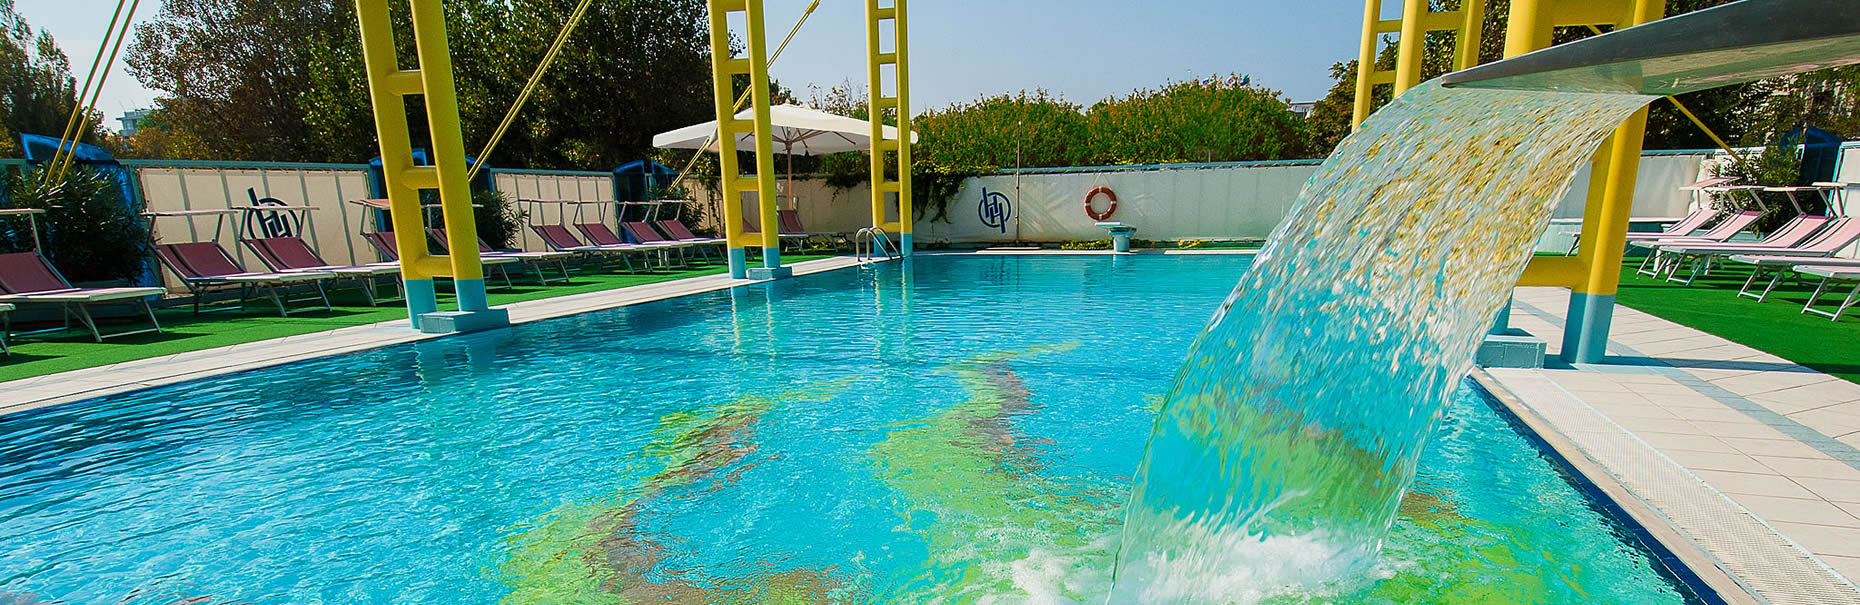 ... Pool Von über 120 Qm, Auf 4 Meter Höhe. Hier Können Sie Dank Der Vielen  Animationsaktivitäten Spaß Haben. Aquagym Kurse, Wasserspiele Für Kinder,  ...